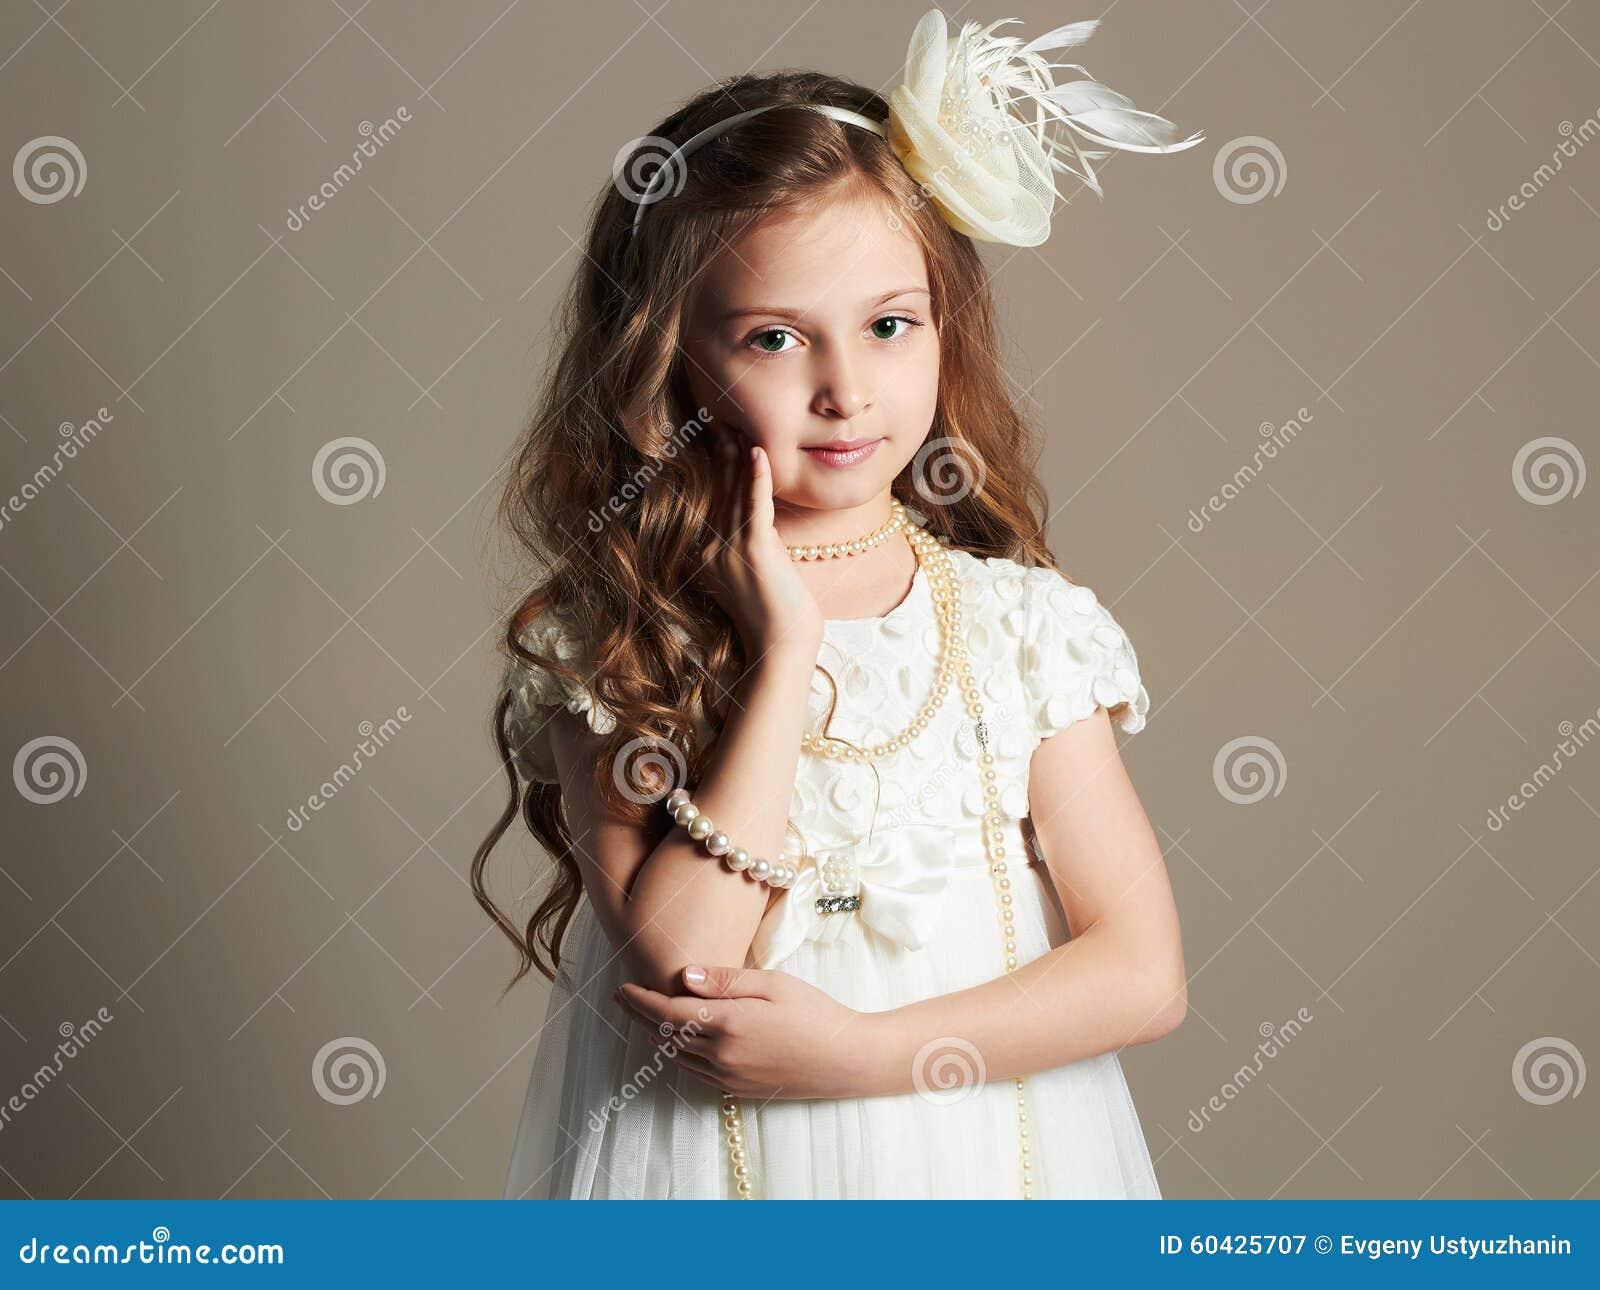 Doesn't matter! pretty little girl princess well